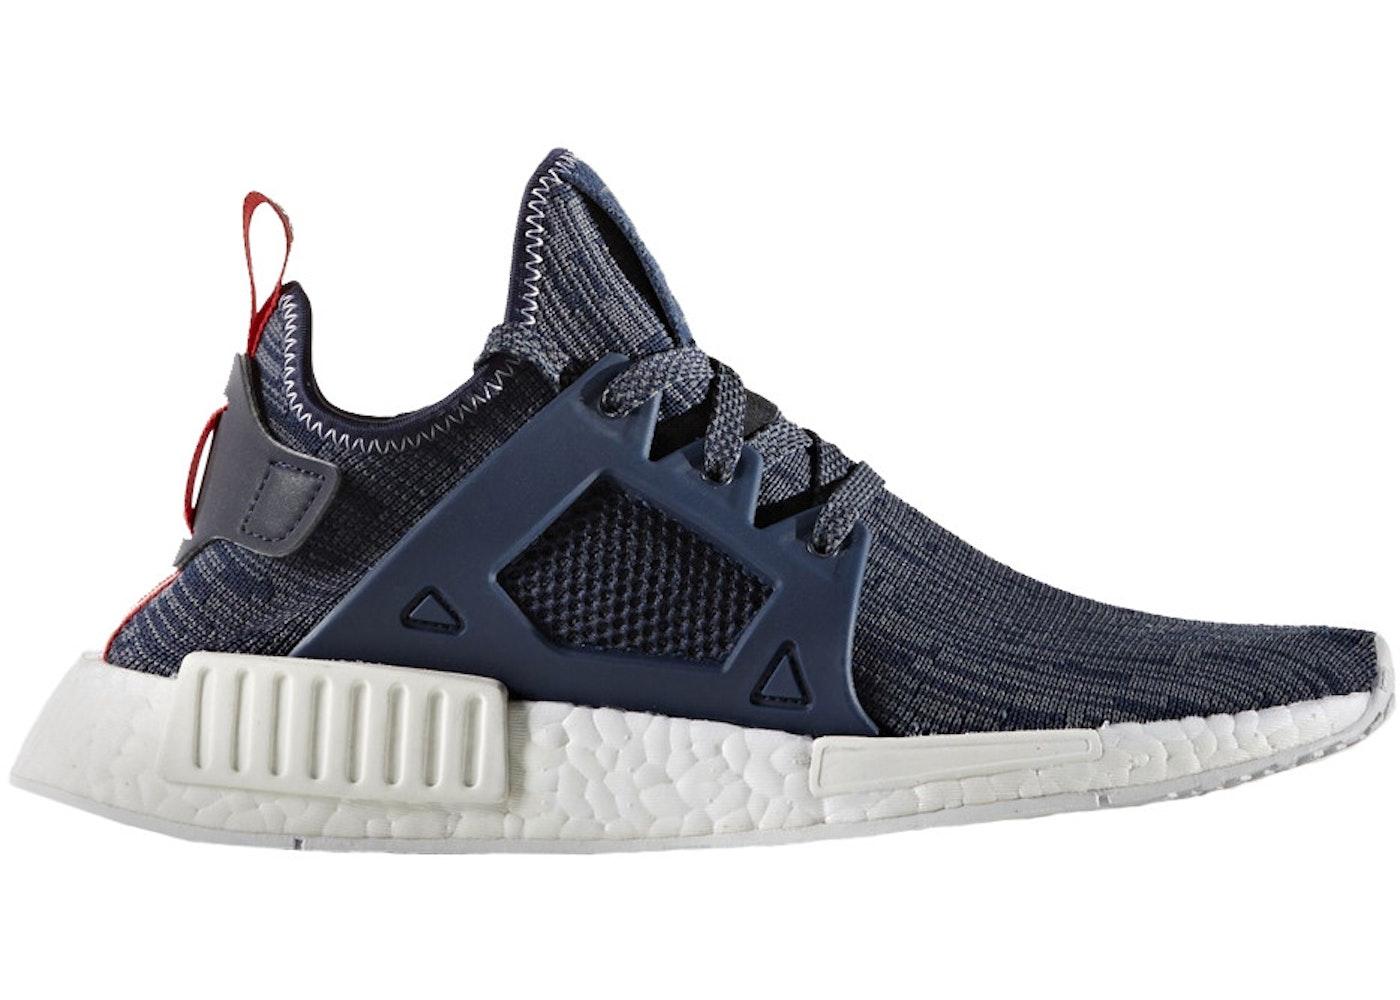 Megérkezett az NMD XR1 sneakerbox.hu blog & shop